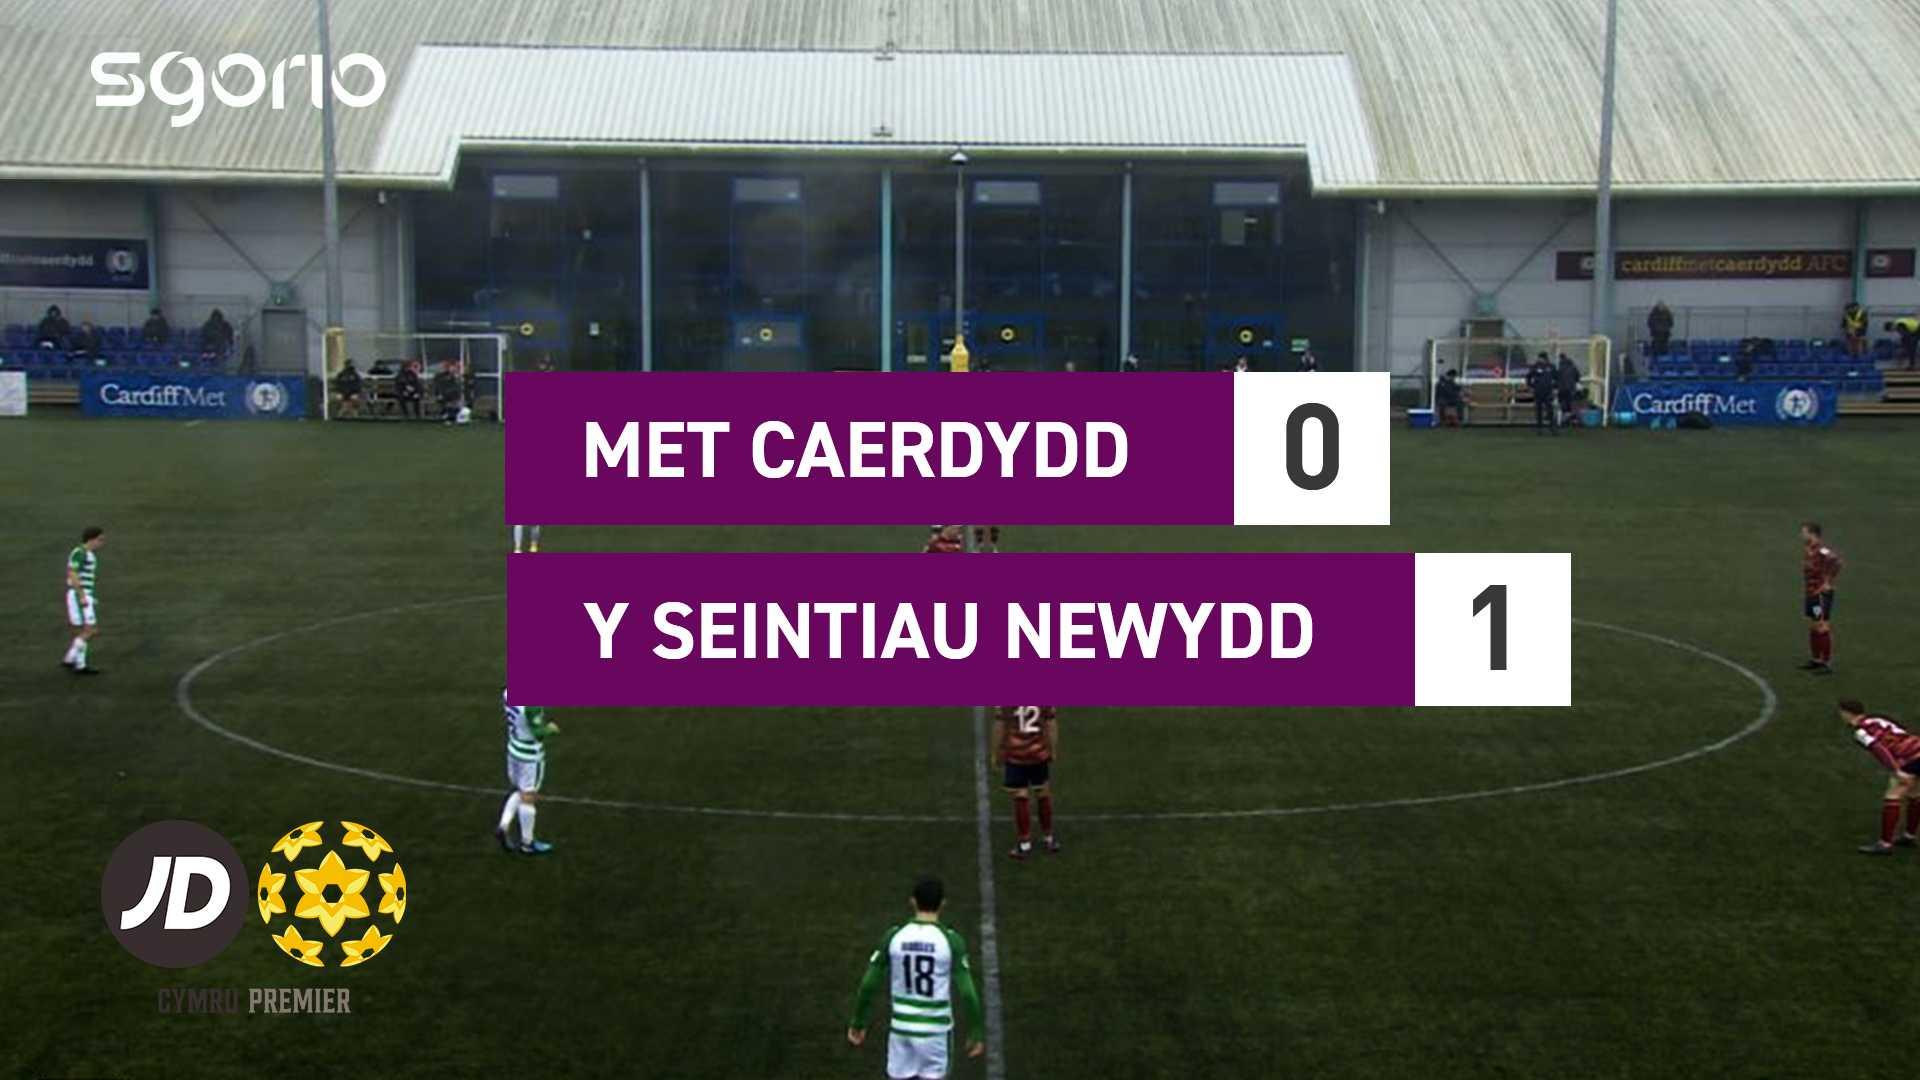 Met Caerdydd 0-1 Y Seintiau Newydd